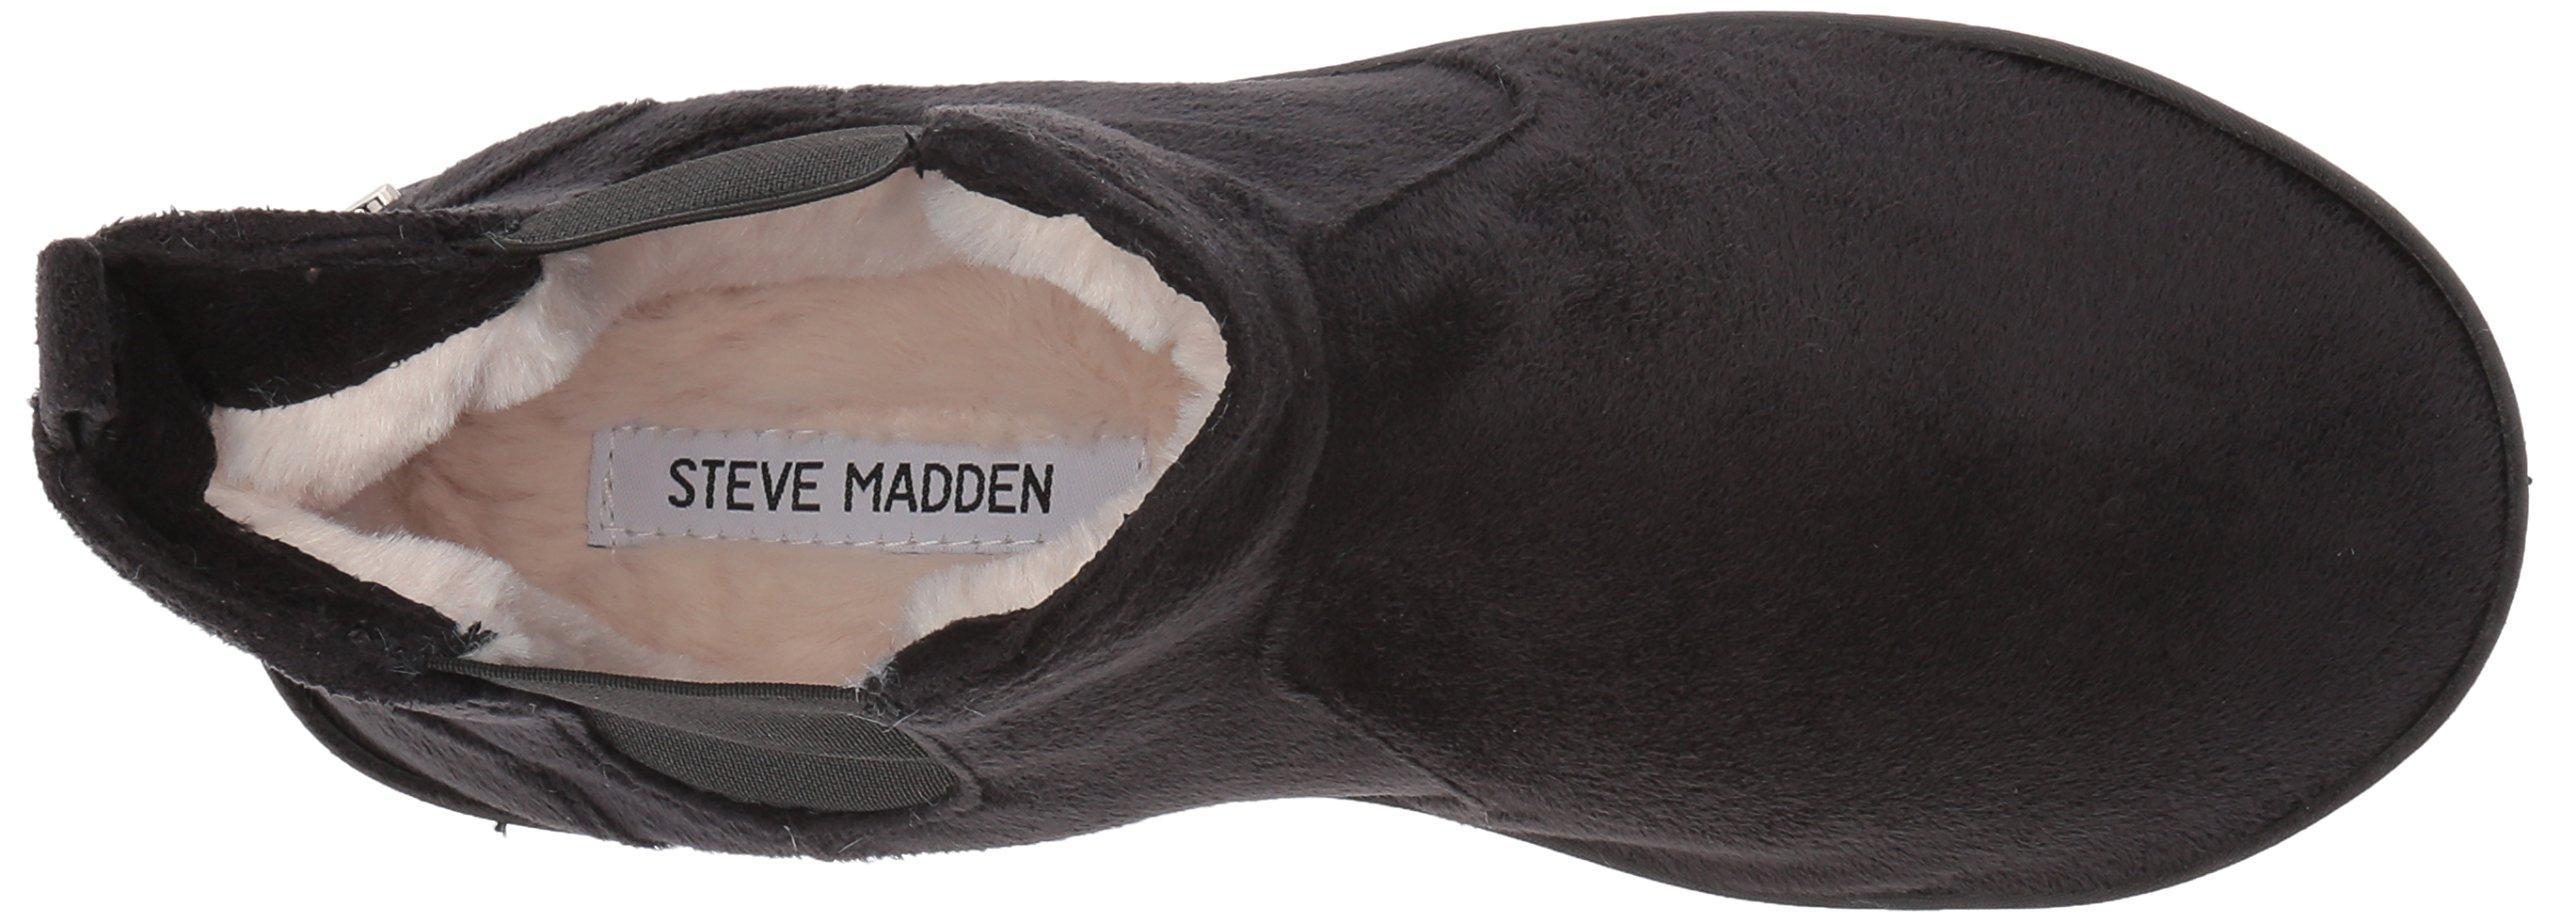 Steve Madden Men's Pclinton Slipper, Black, 9 M US by Steve Madden (Image #8)